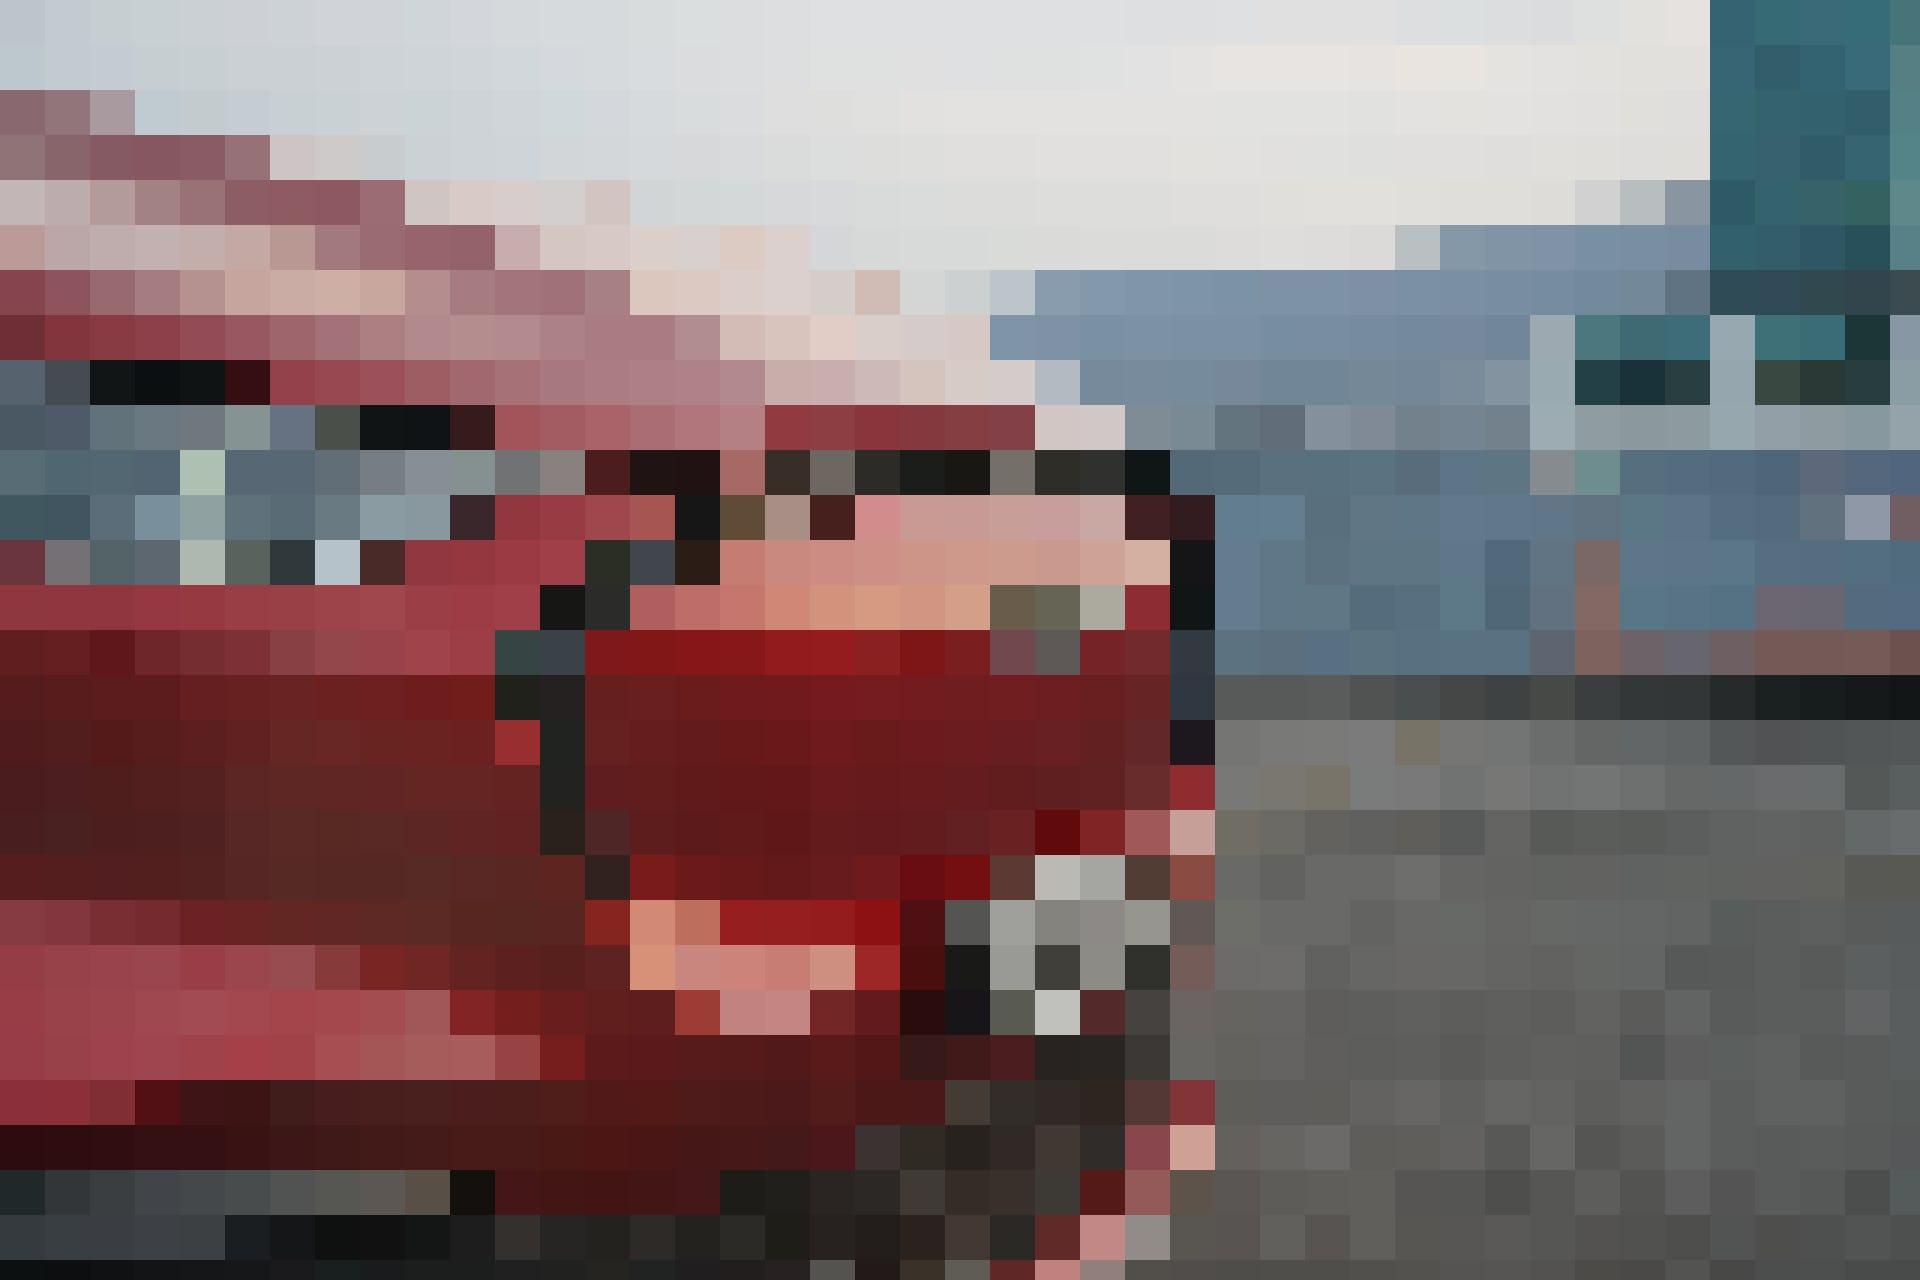 Wo Pony drauf ist, ist euch ein Pony drin! Der neue Ford Mustang Mach-E hat das Temperament und die Sportlichkeit von seinem Vorgänger übernommen.